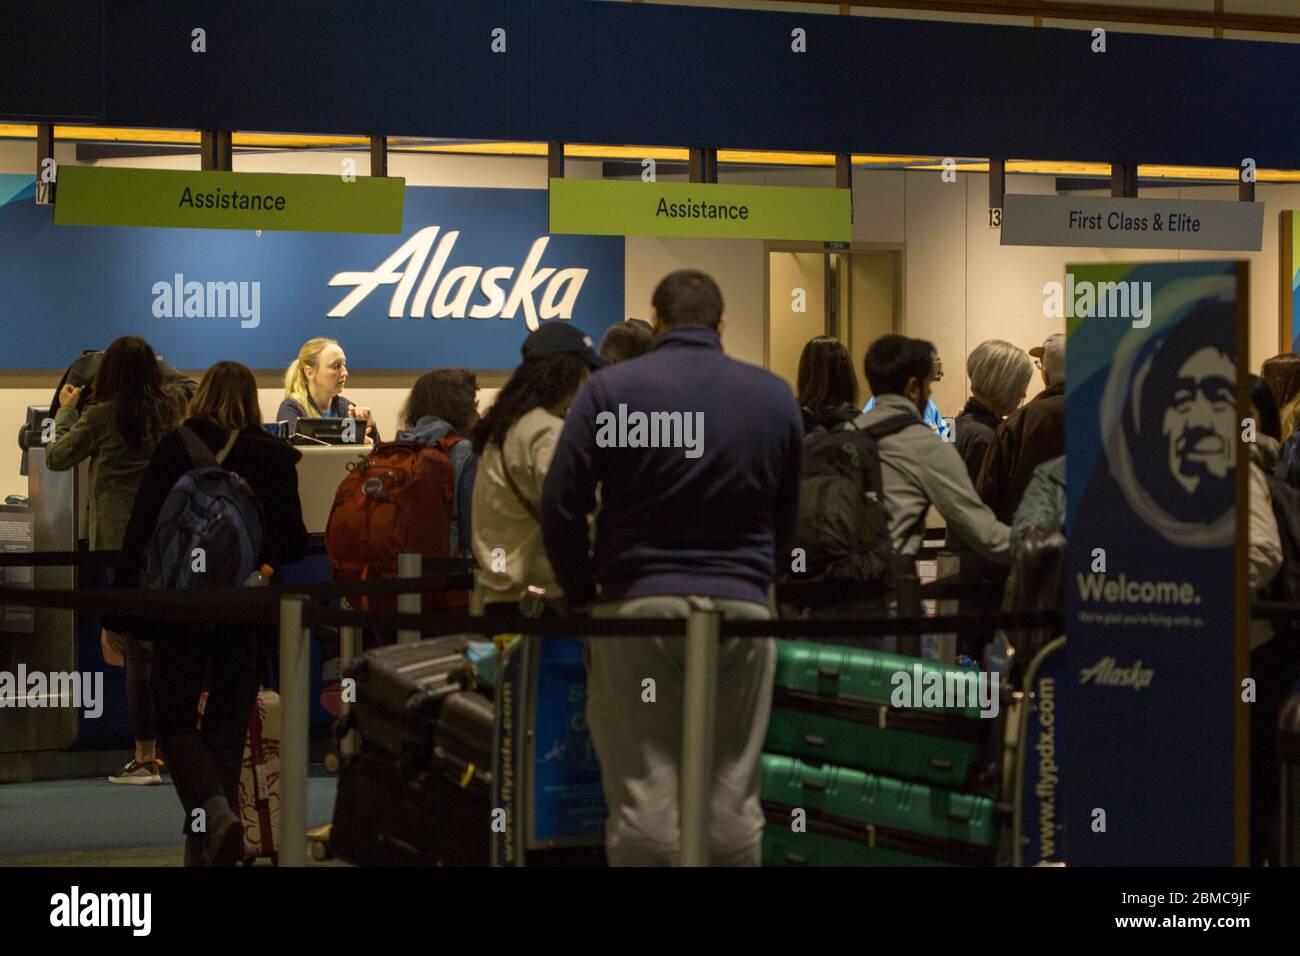 Los pasajeros que esperan en línea para comprobar sus equipajes en el mostrador de facturación de Alaska Airlines en el Aeropuerto Internacional de Portland por la noche el 13 de febrero de 2020. Foto de stock